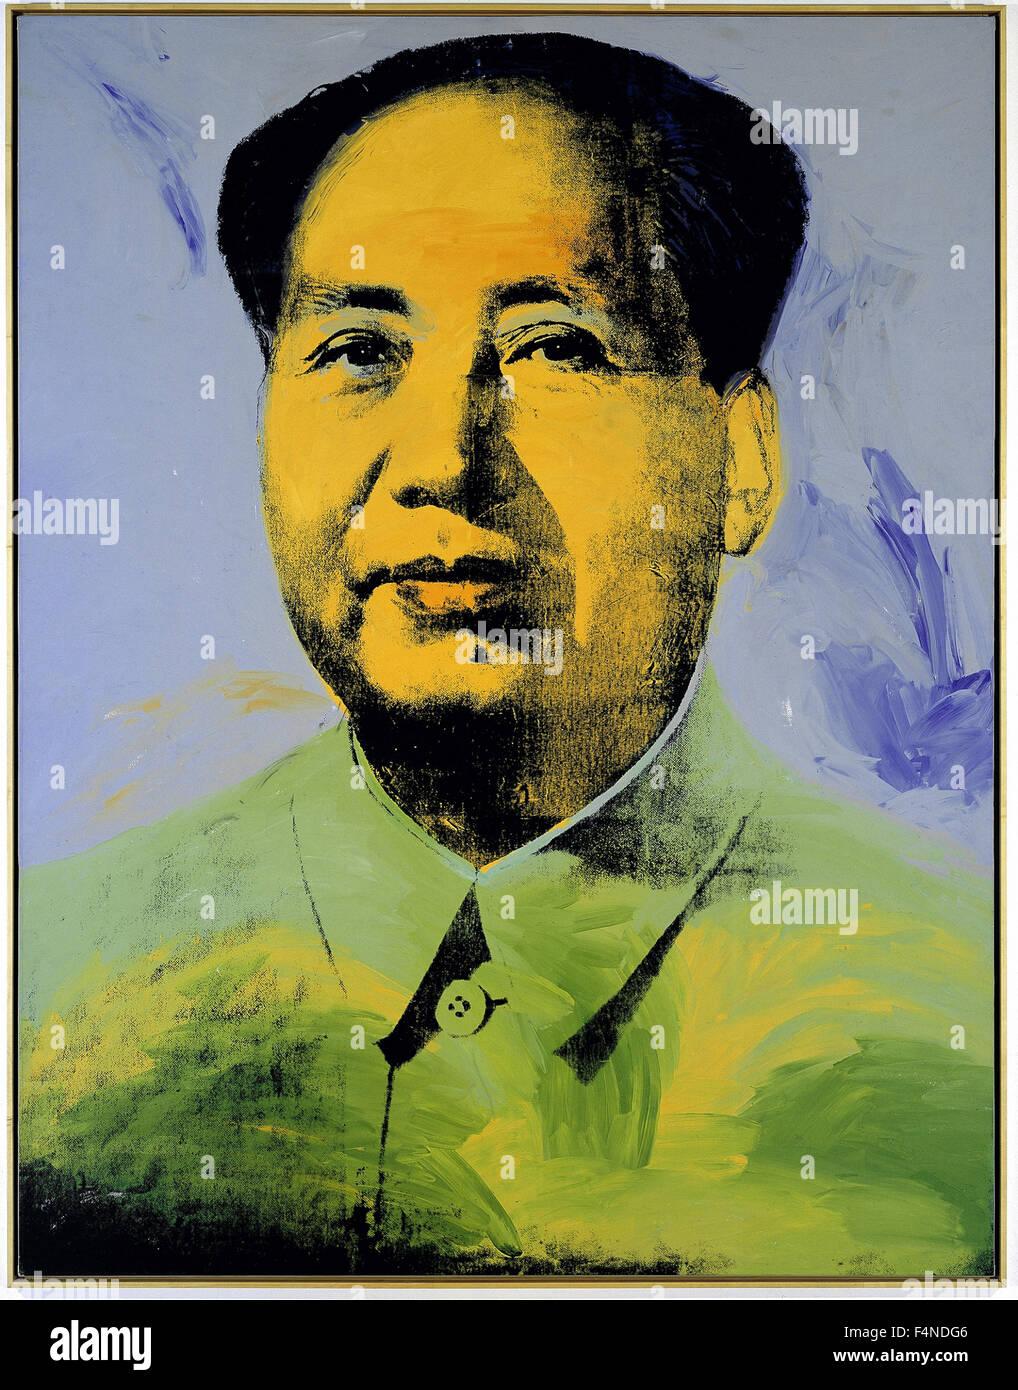 Andy Warhol - Mao - Stock Image